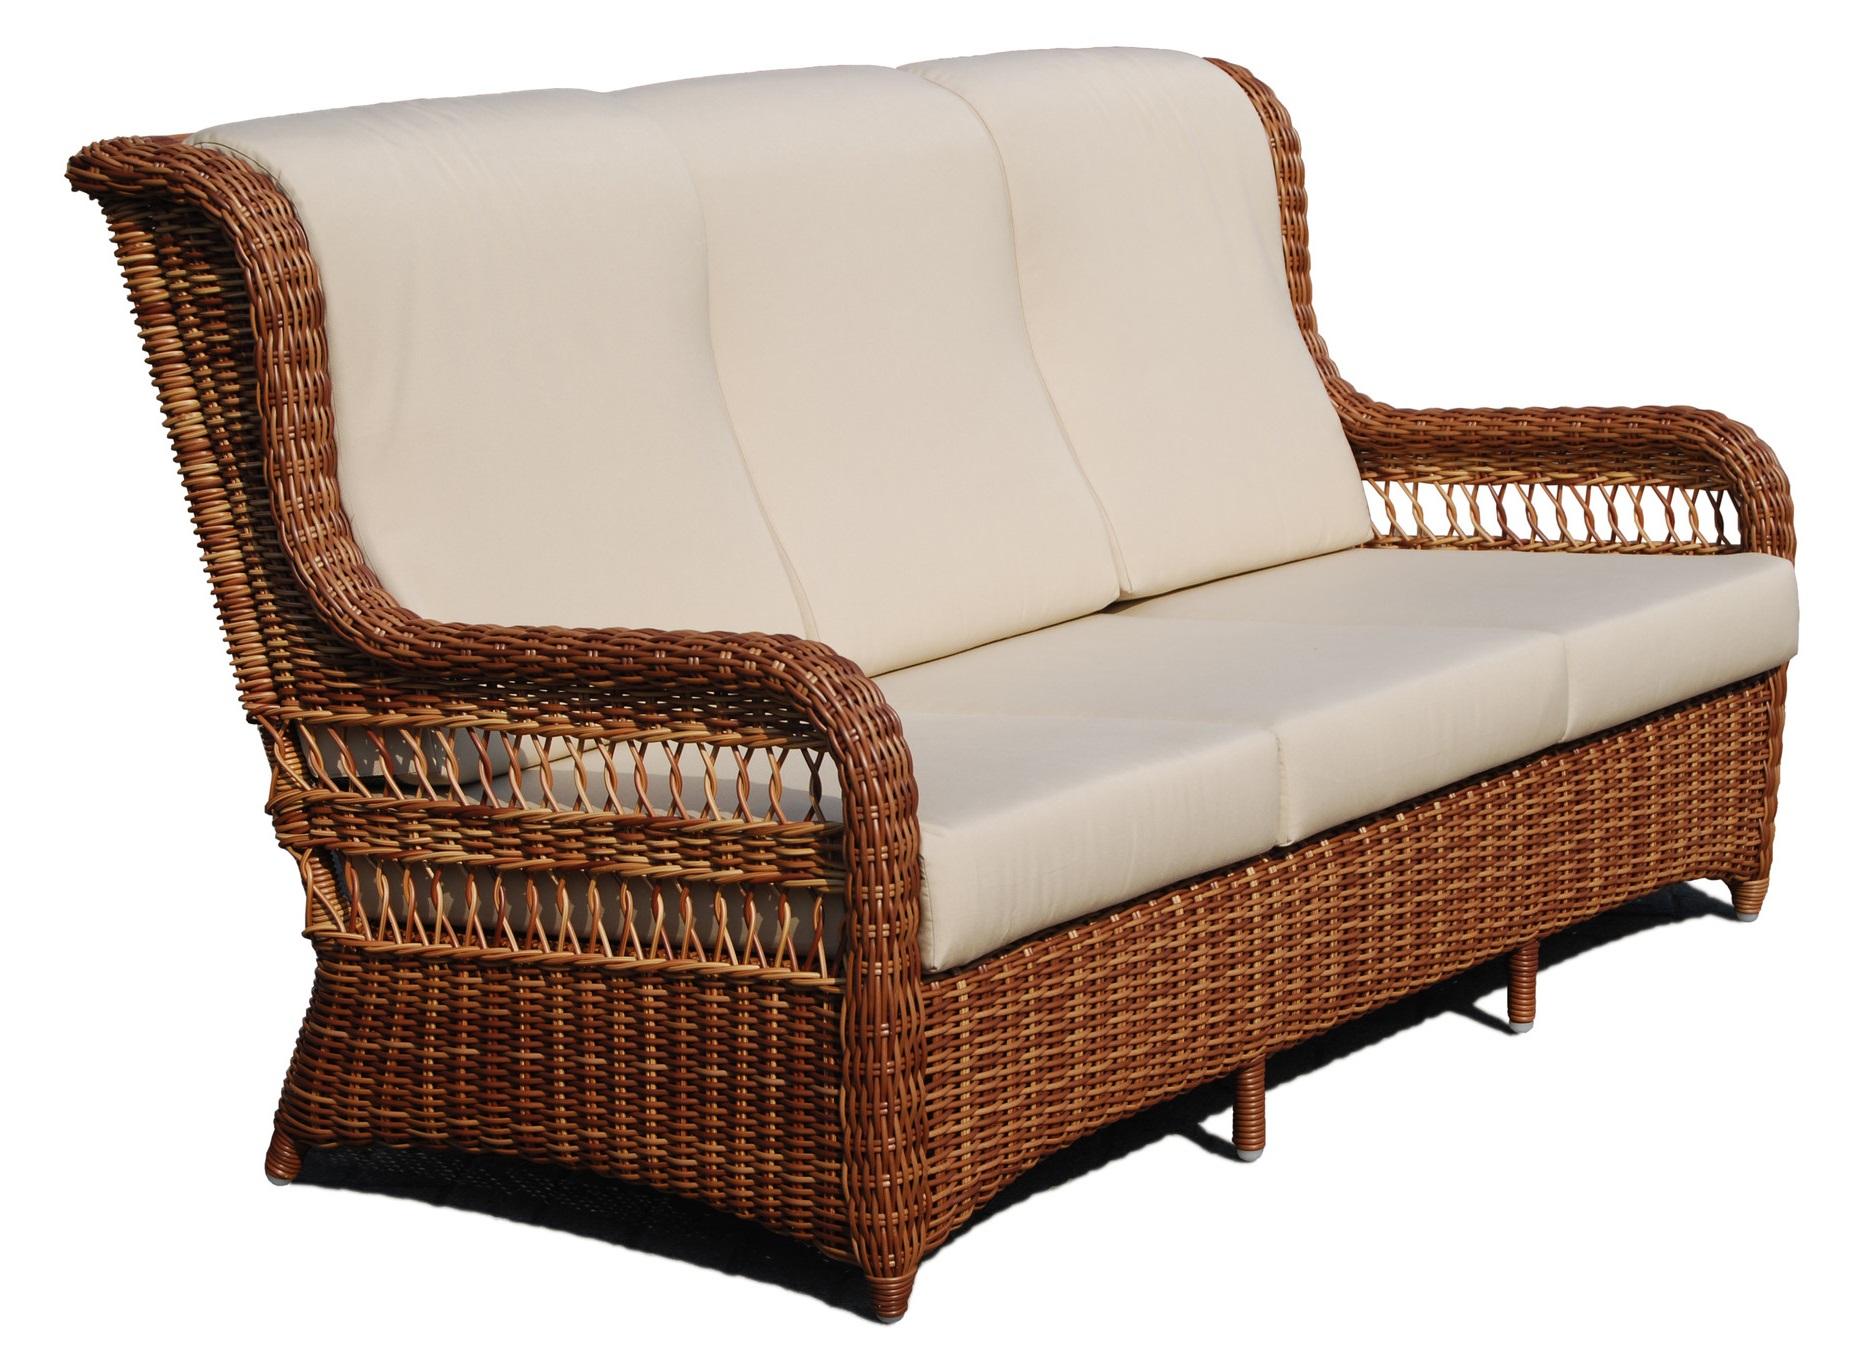 Диван EBONYДиваны и оттоманки для сада<br>Двухместный диванчик с высокой спинкой с удобным изгибом под голову. Классические &amp;quot;уши&amp;quot; и слегка растопыренные ножки делают предмет живым и уютным.<br>Диван с подушками.&amp;amp;nbsp;<br><br>Material: Искусственный ротанг<br>Ширина см: 140<br>Высота см: 103<br>Глубина см: 98